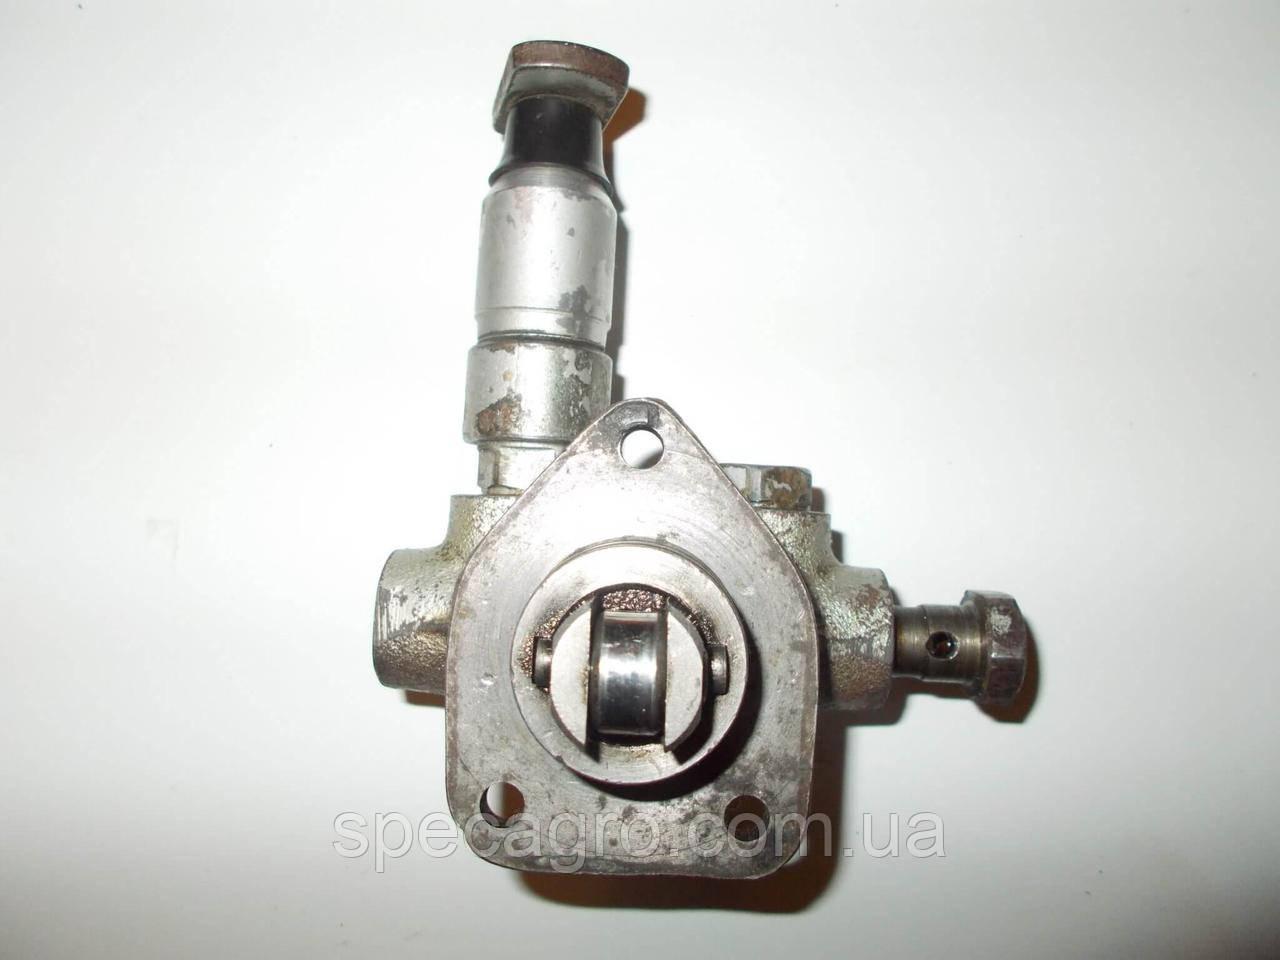 Топливный насос низкого давления ТННД ЯМЗ-236, ЯМЗ-238, ЯМЗ-240 (236-1106210-А2)